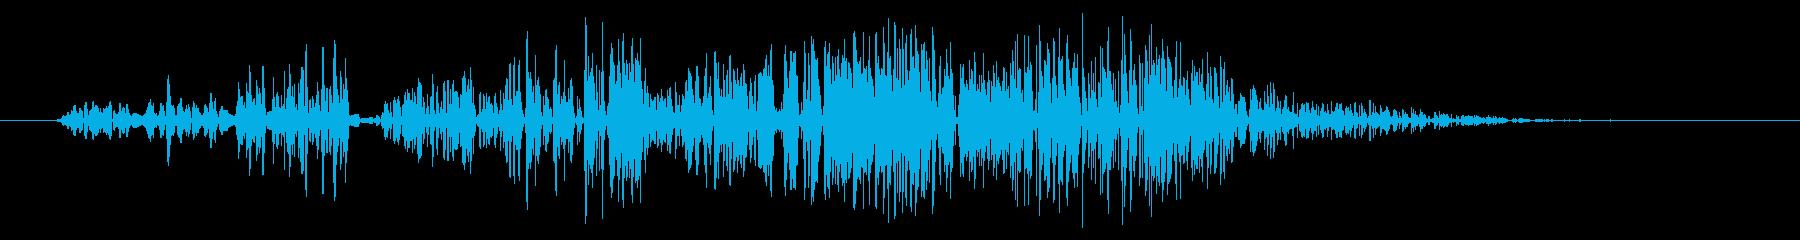 土から何かが出てくる音の再生済みの波形